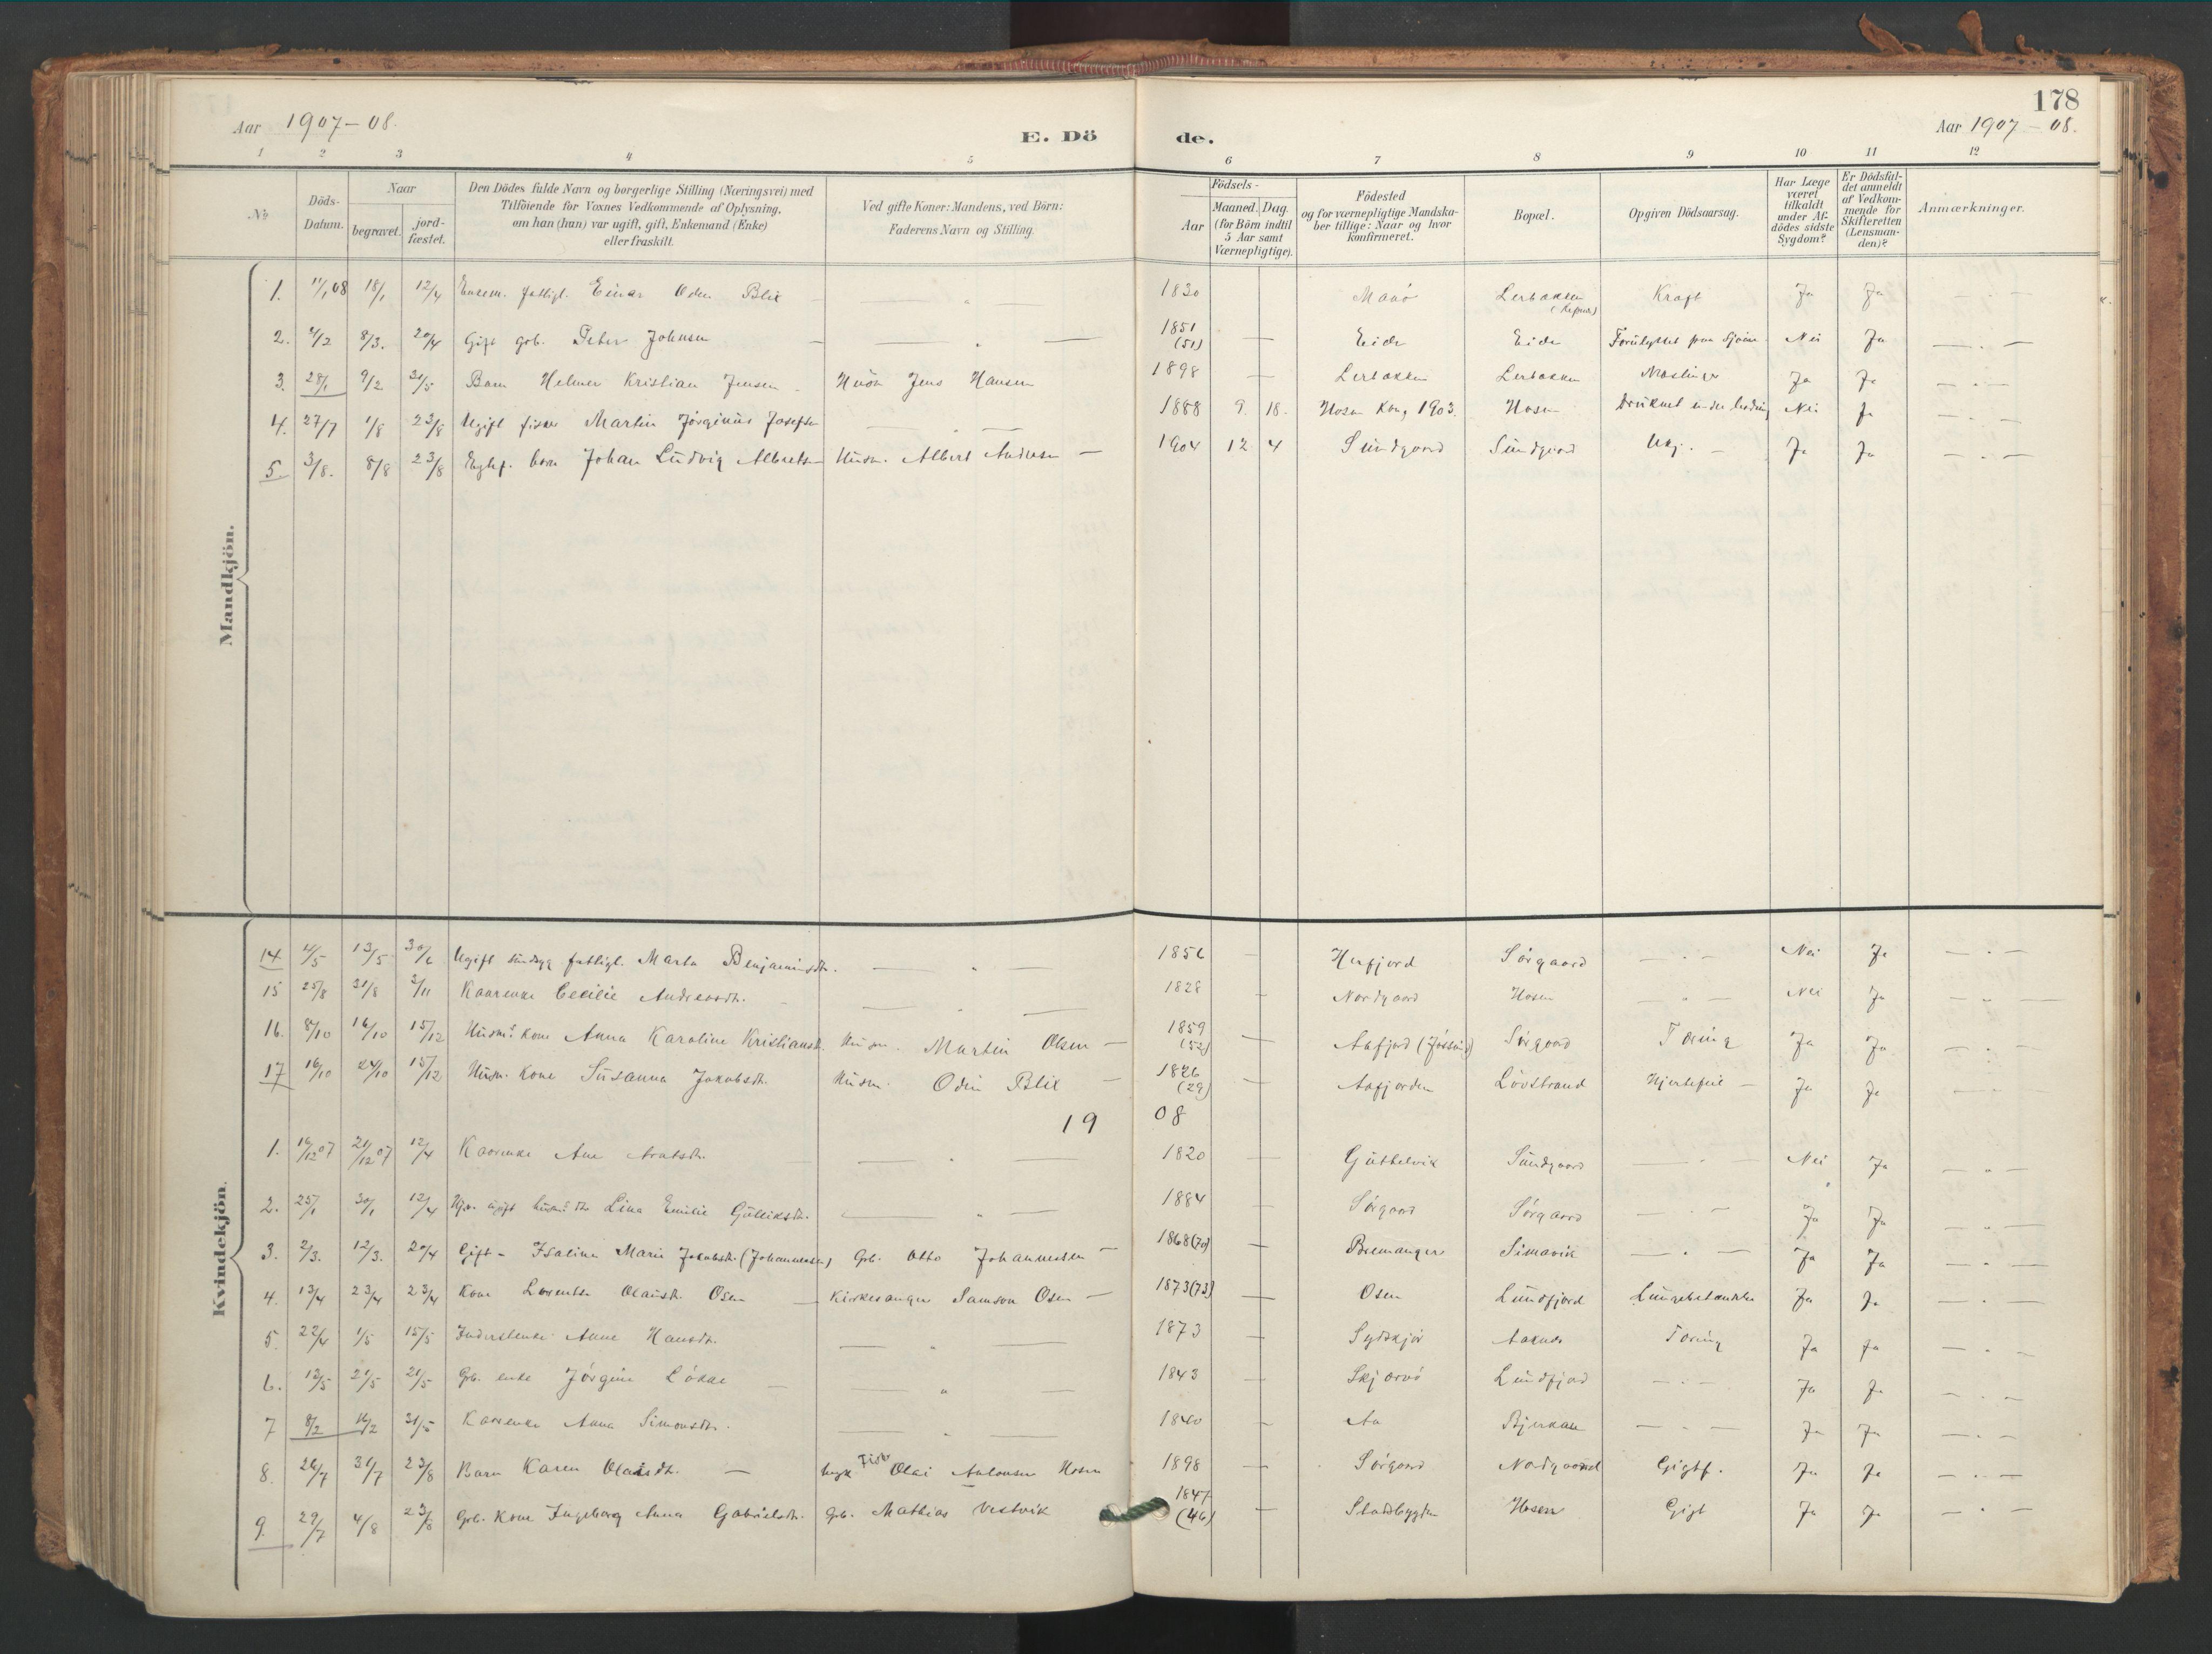 SAT, Ministerialprotokoller, klokkerbøker og fødselsregistre - Sør-Trøndelag, 656/L0693: Ministerialbok nr. 656A02, 1894-1913, s. 178